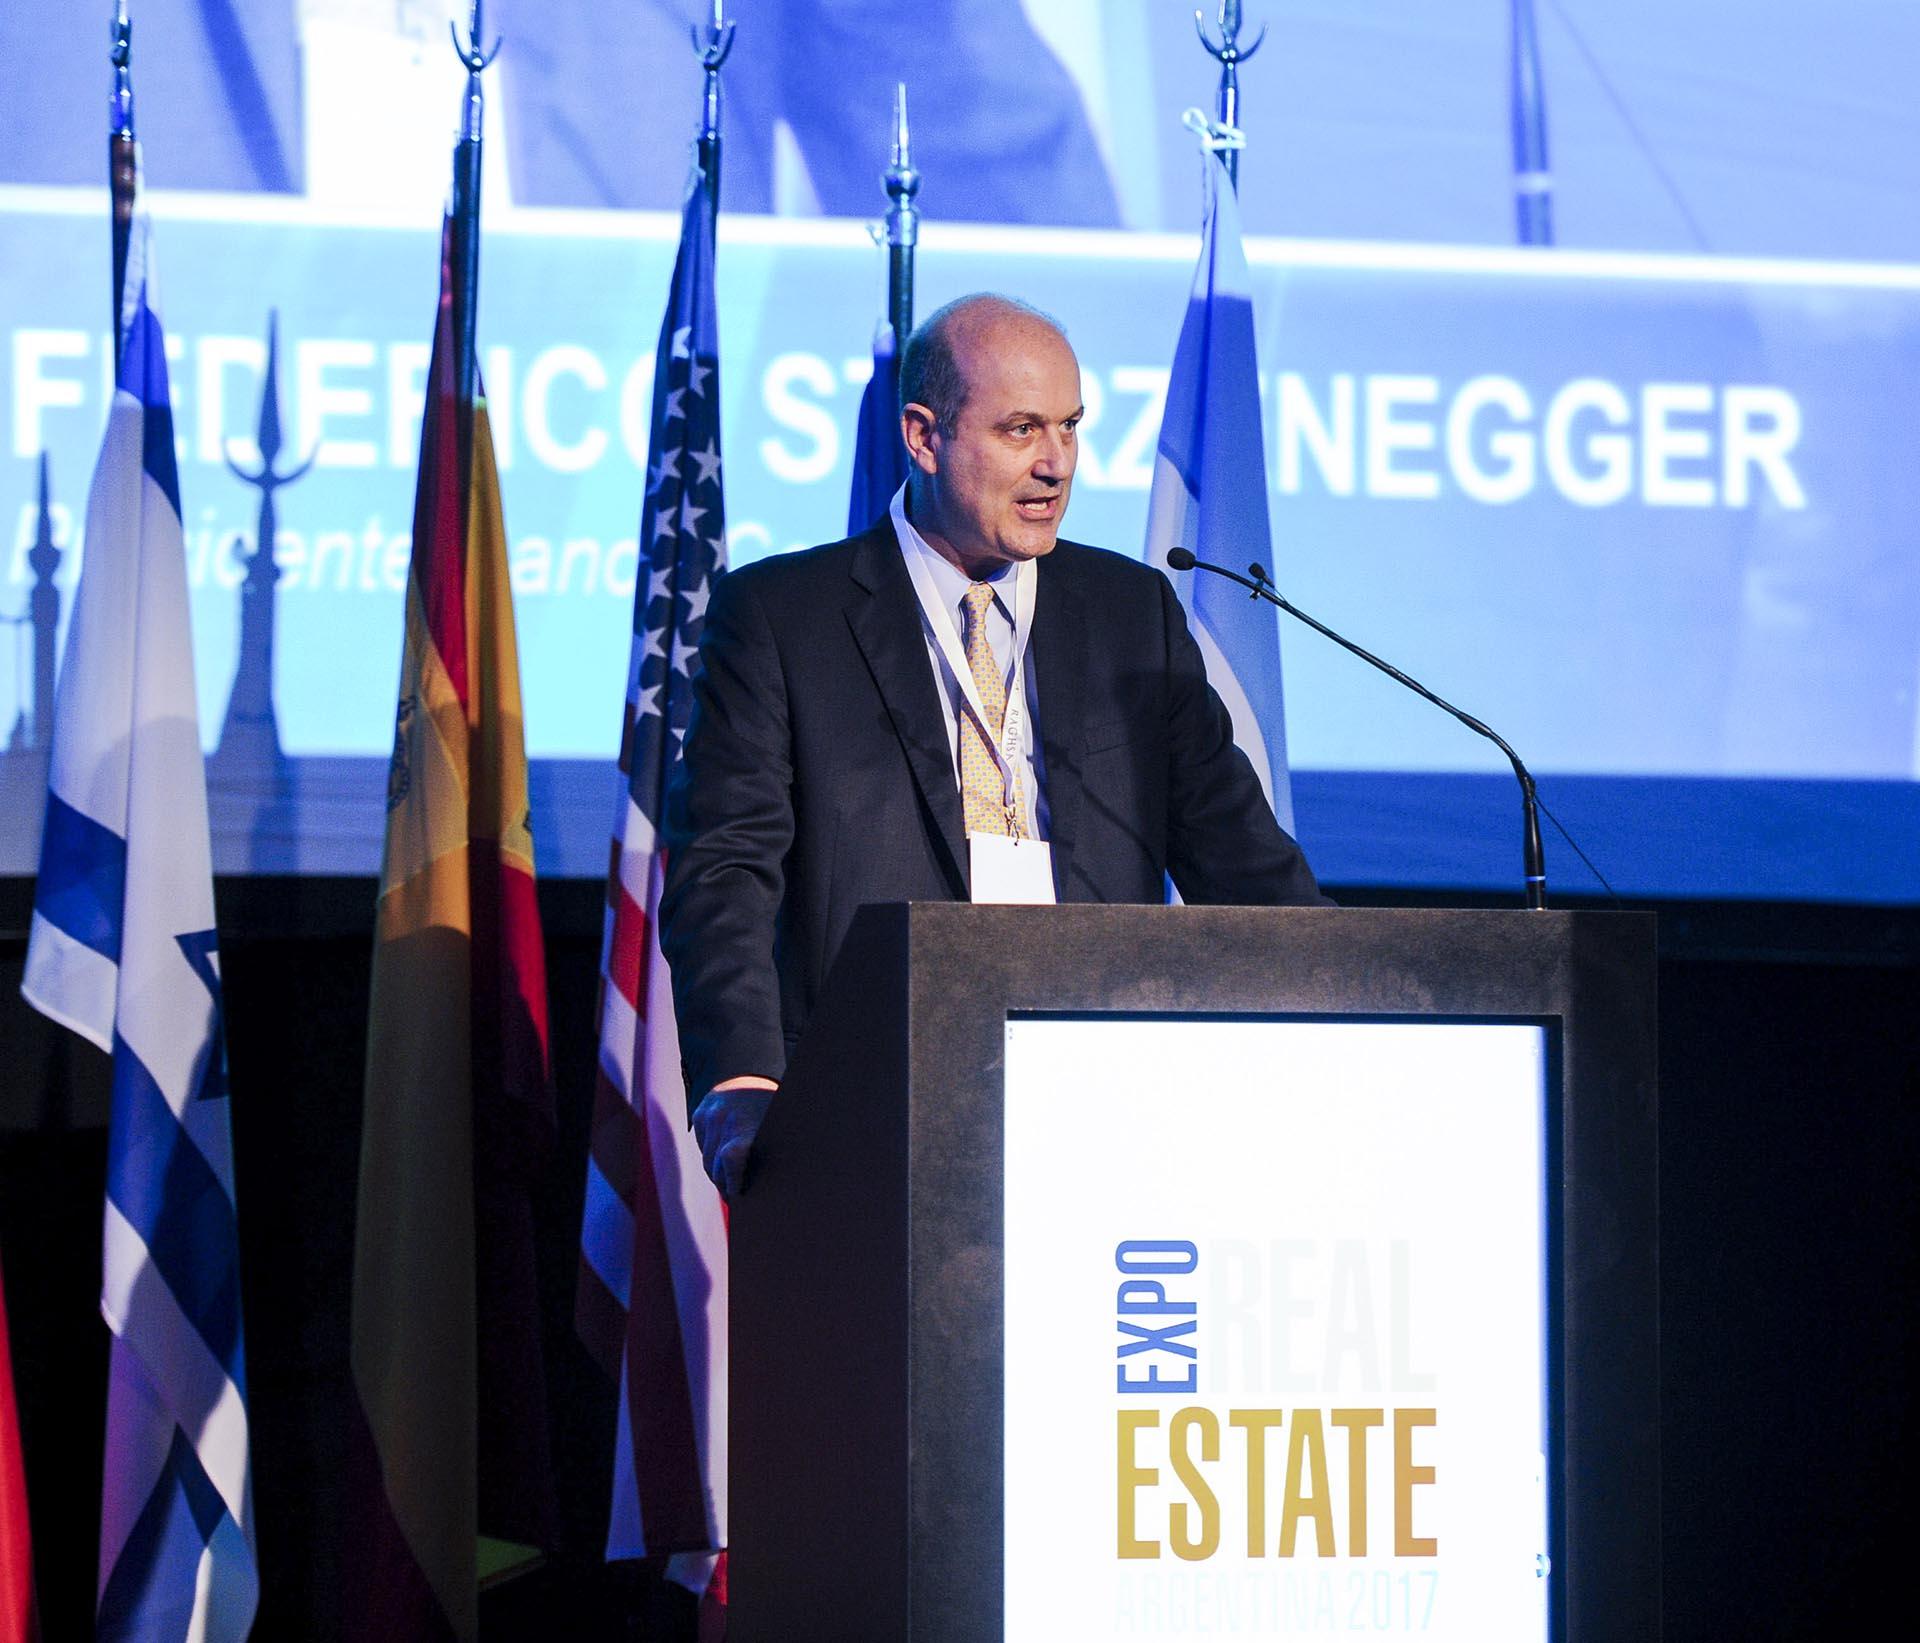 El presidente del BCRA, Federico Sturzenegger, recibió el premio APPI de la Asociación de Profesores de Programas Inmobiliarios por su trabajo en los créditos hipotecarios en UVAs, en el marco de la Expo Real Estate Argentina 2017 y 9° Congreso de Desarrollos e Inversiones Inmobiliarias